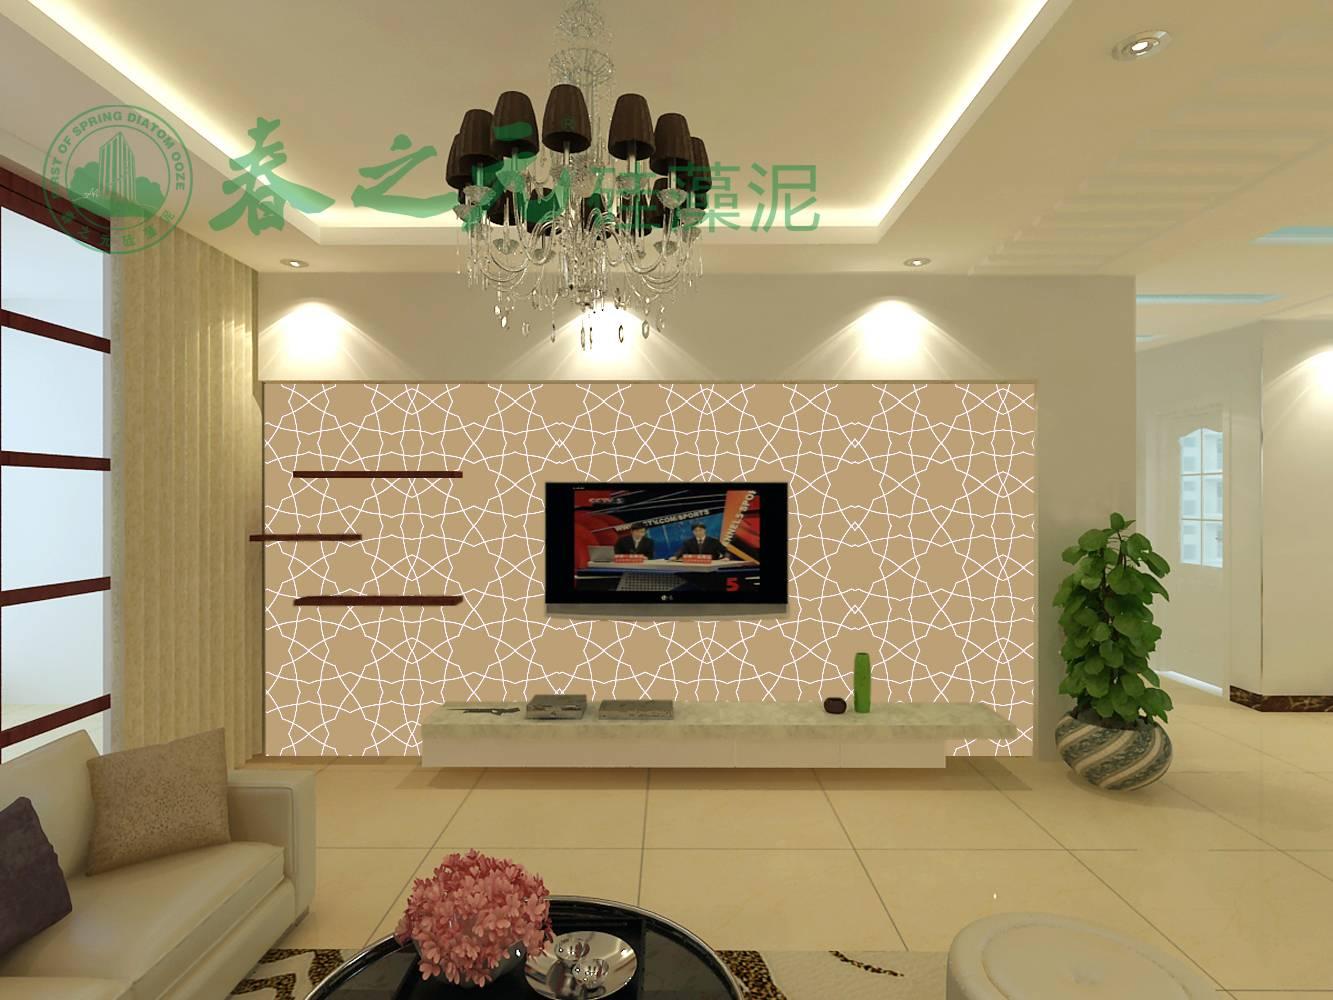 单就硅藻泥电视背景墙一项来说,其起到的家居装饰效果深得广大消费者